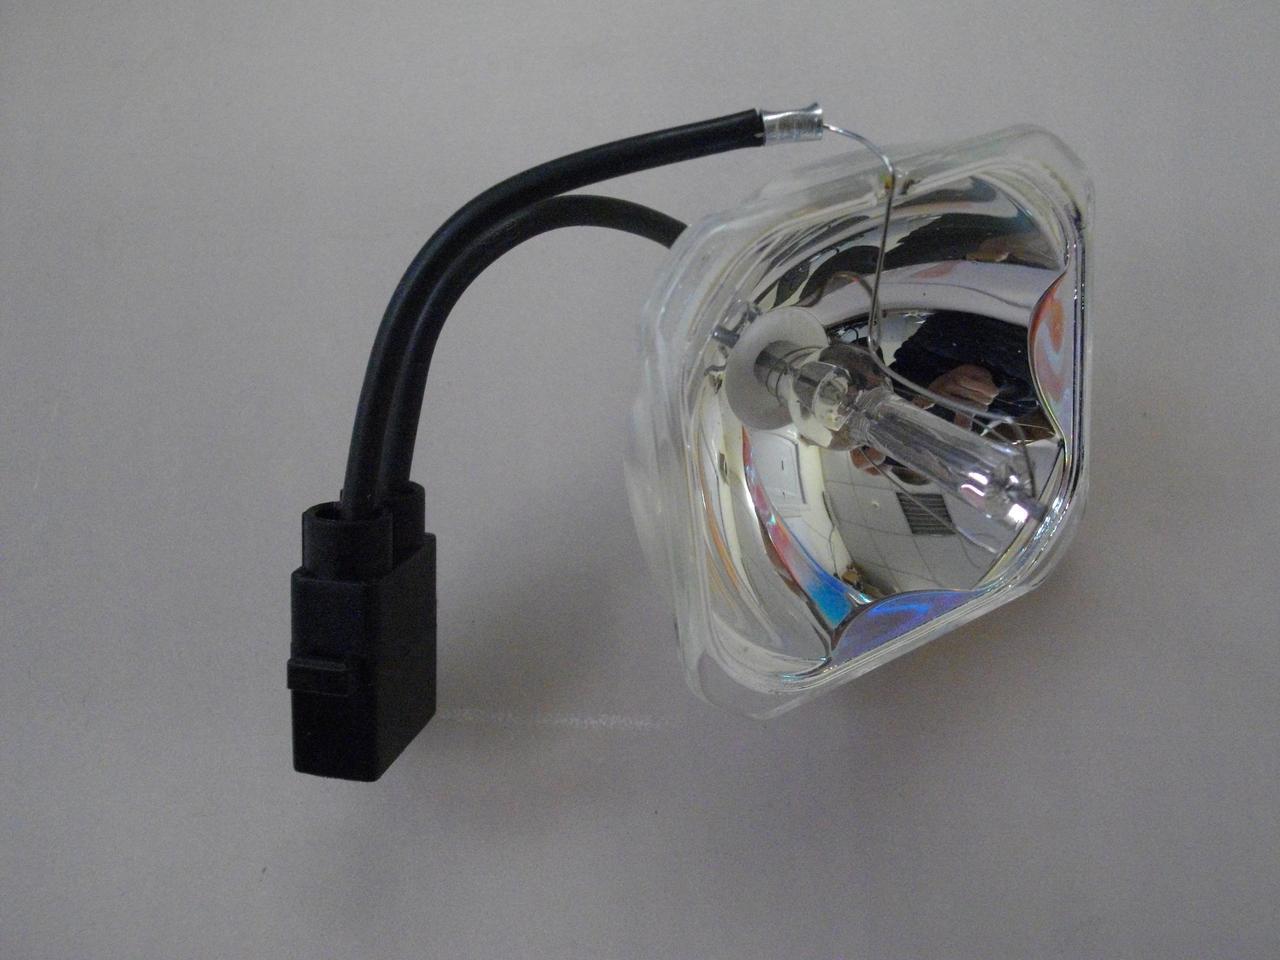 Лампа для проектора ELPLP42, V13H010L42, EB-410WE, EMP-280, EMP-83C, EB-410W, EMP-400, EMP-400W, EMP-410W, EMP